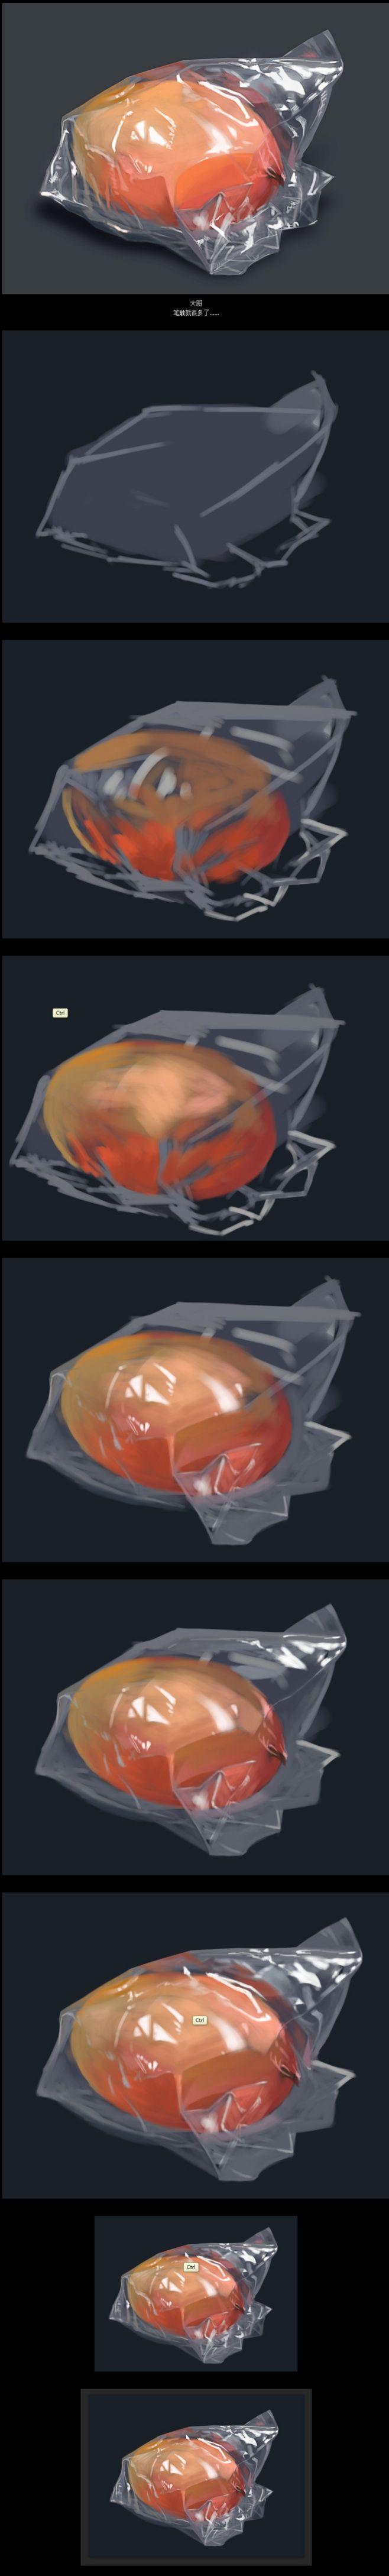 塑料袋质感(带大概步骤图)|绘画习作|插...